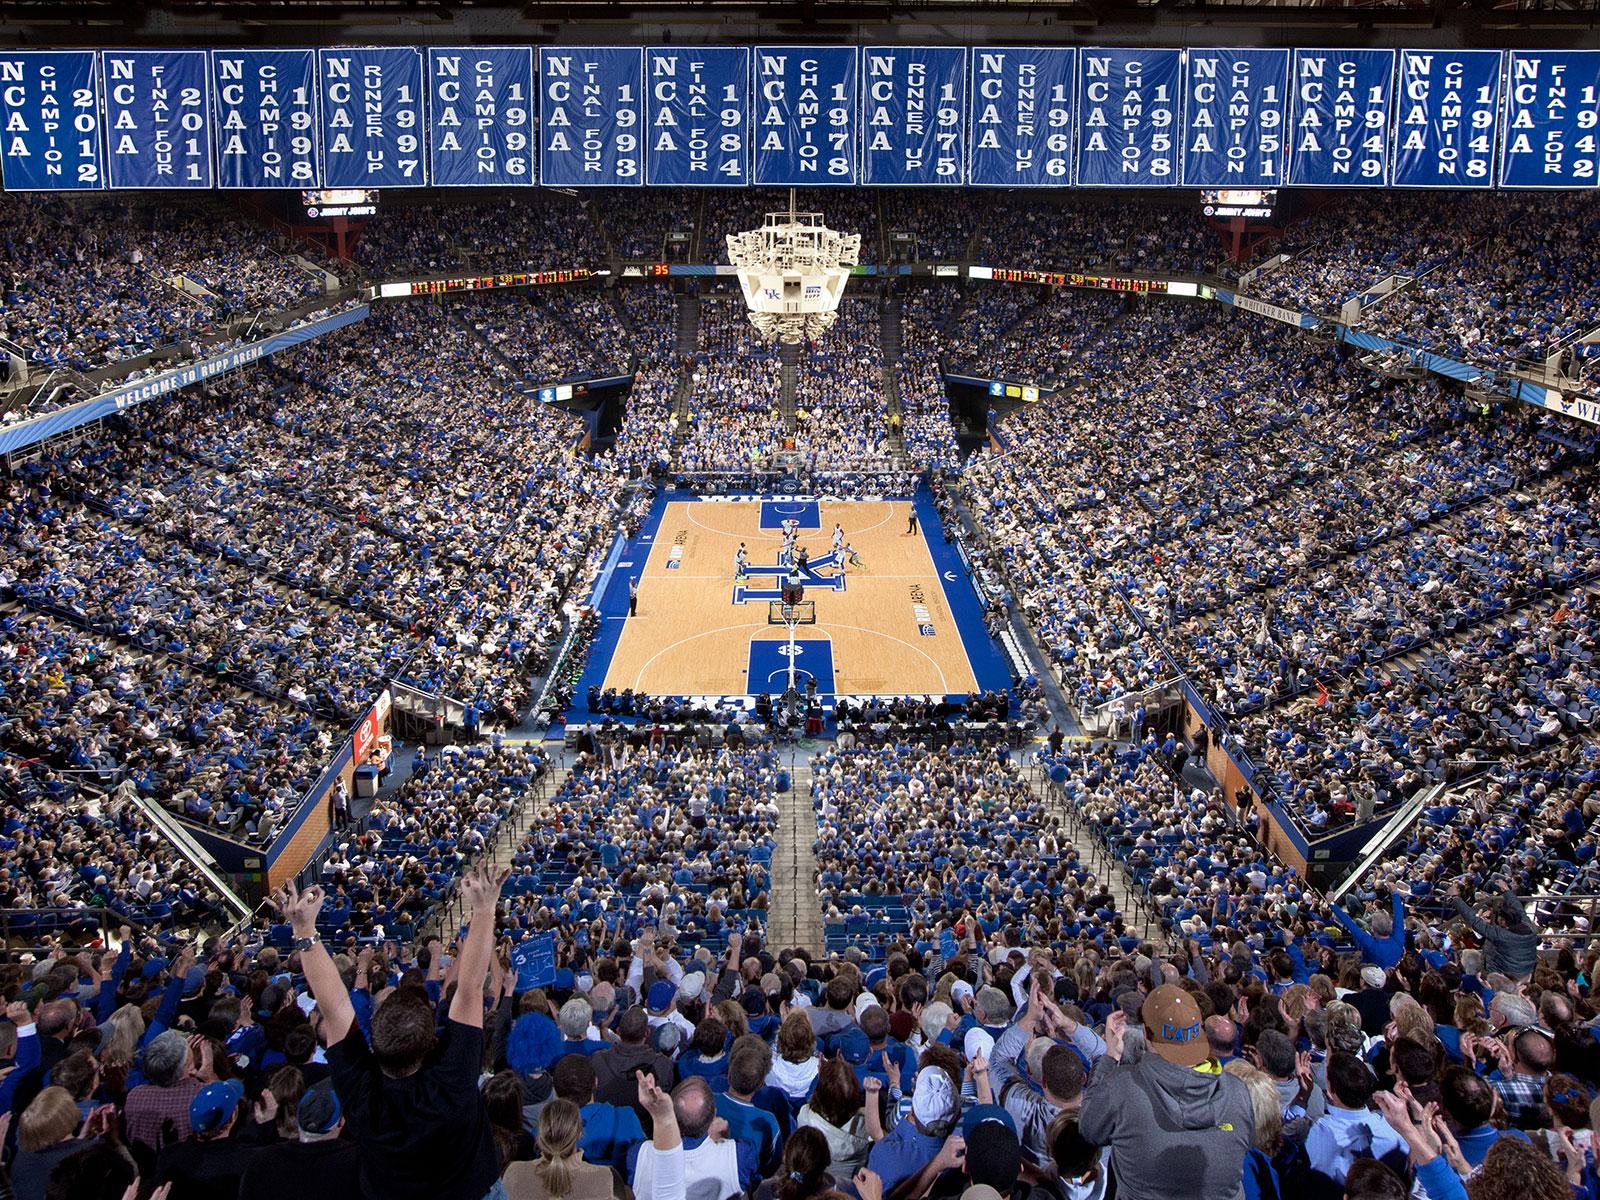 Kentucky Basketball Desktop Wallpaper: Kentucky Basketball Wallpaper For Desktop